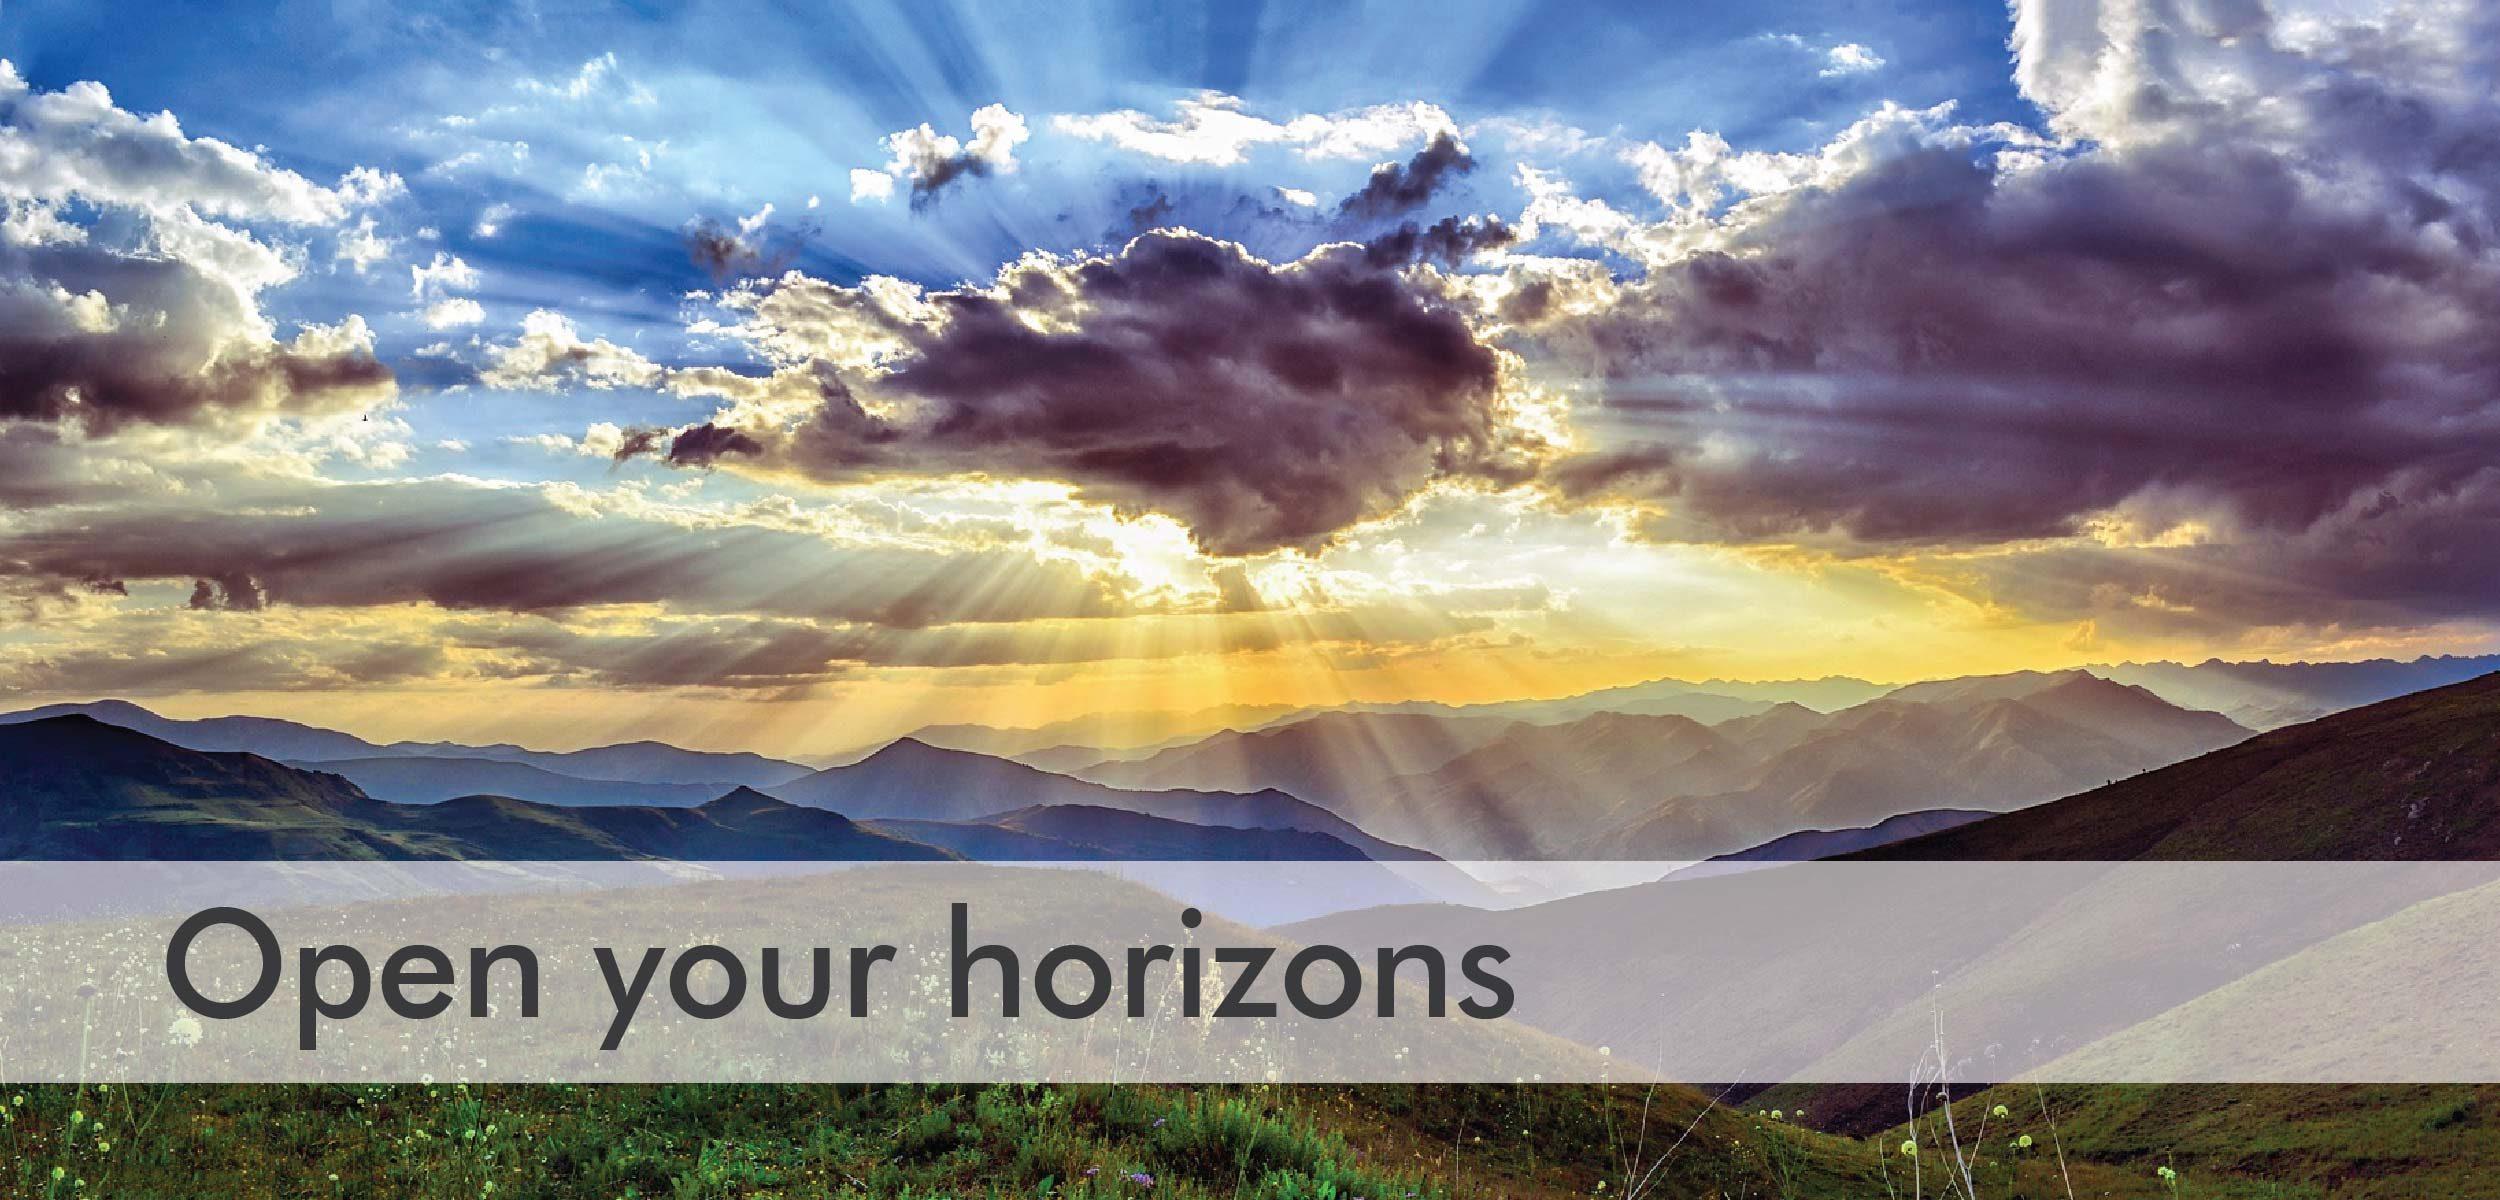 Open your horizons-01